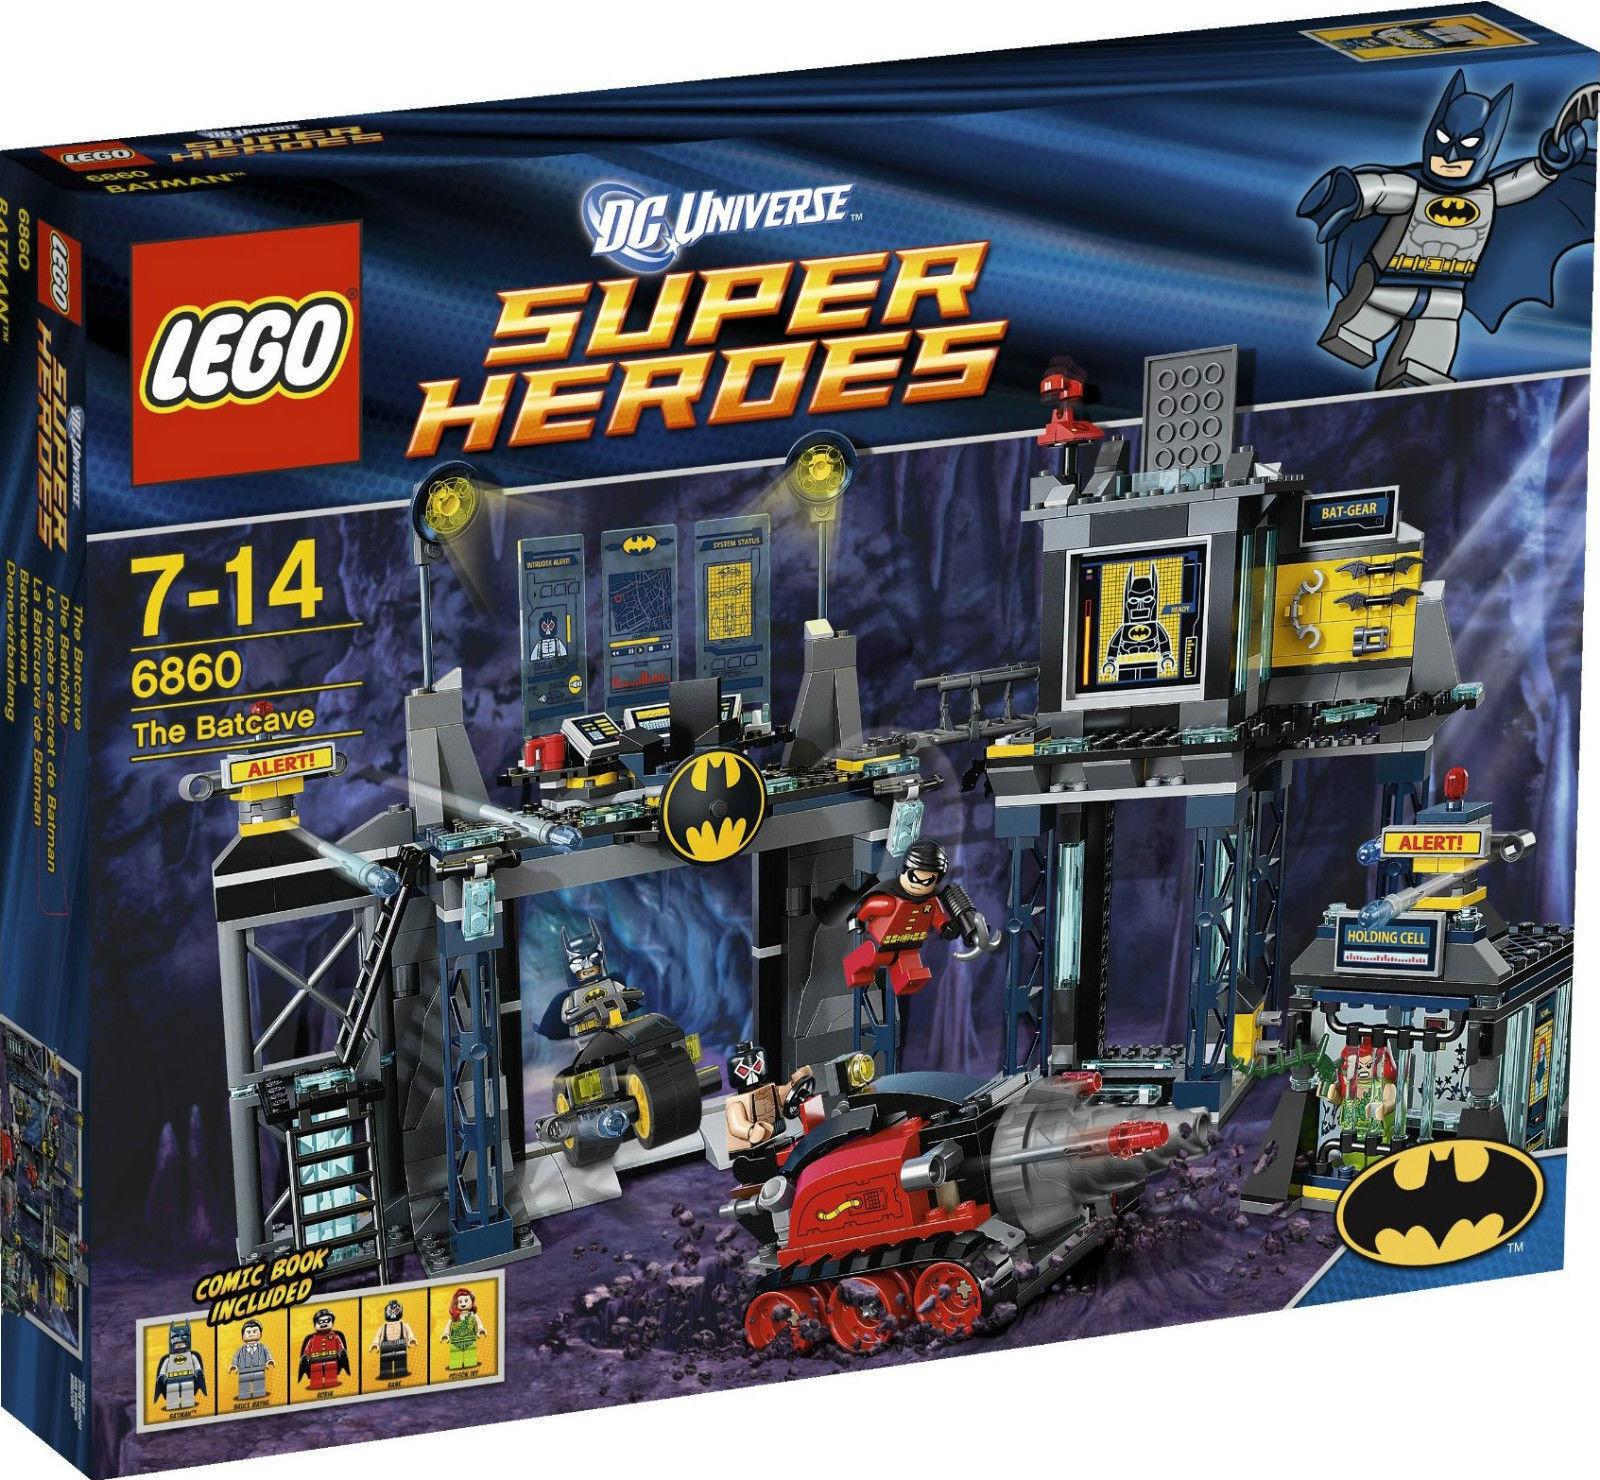 Nueva Caja Sellada Perfecto Lego Dc Super Heroes Batman 6860 la Baticueva Bat Cave